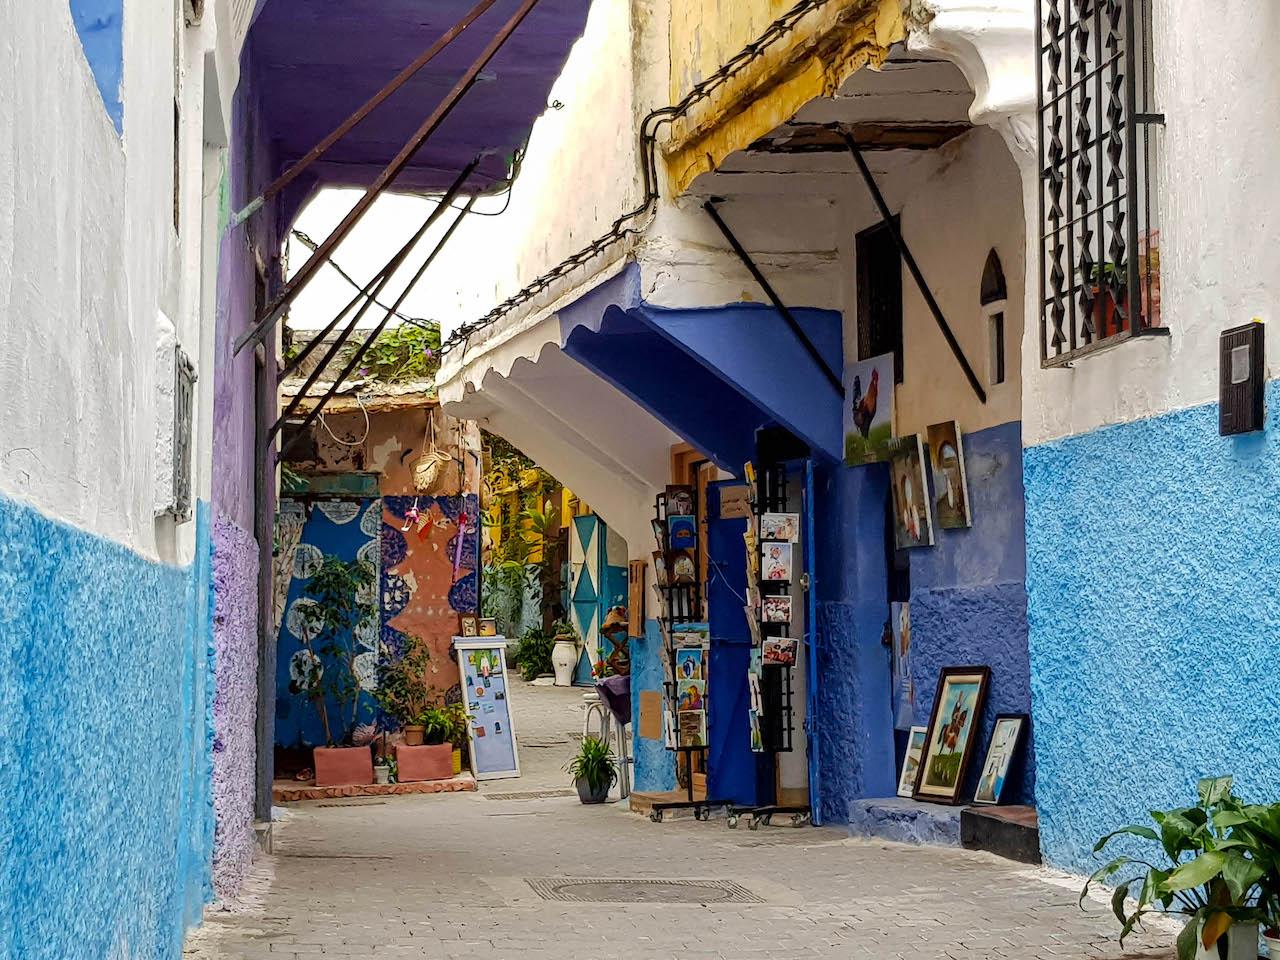 Gasse im Kasbah Viertel von Tanger.